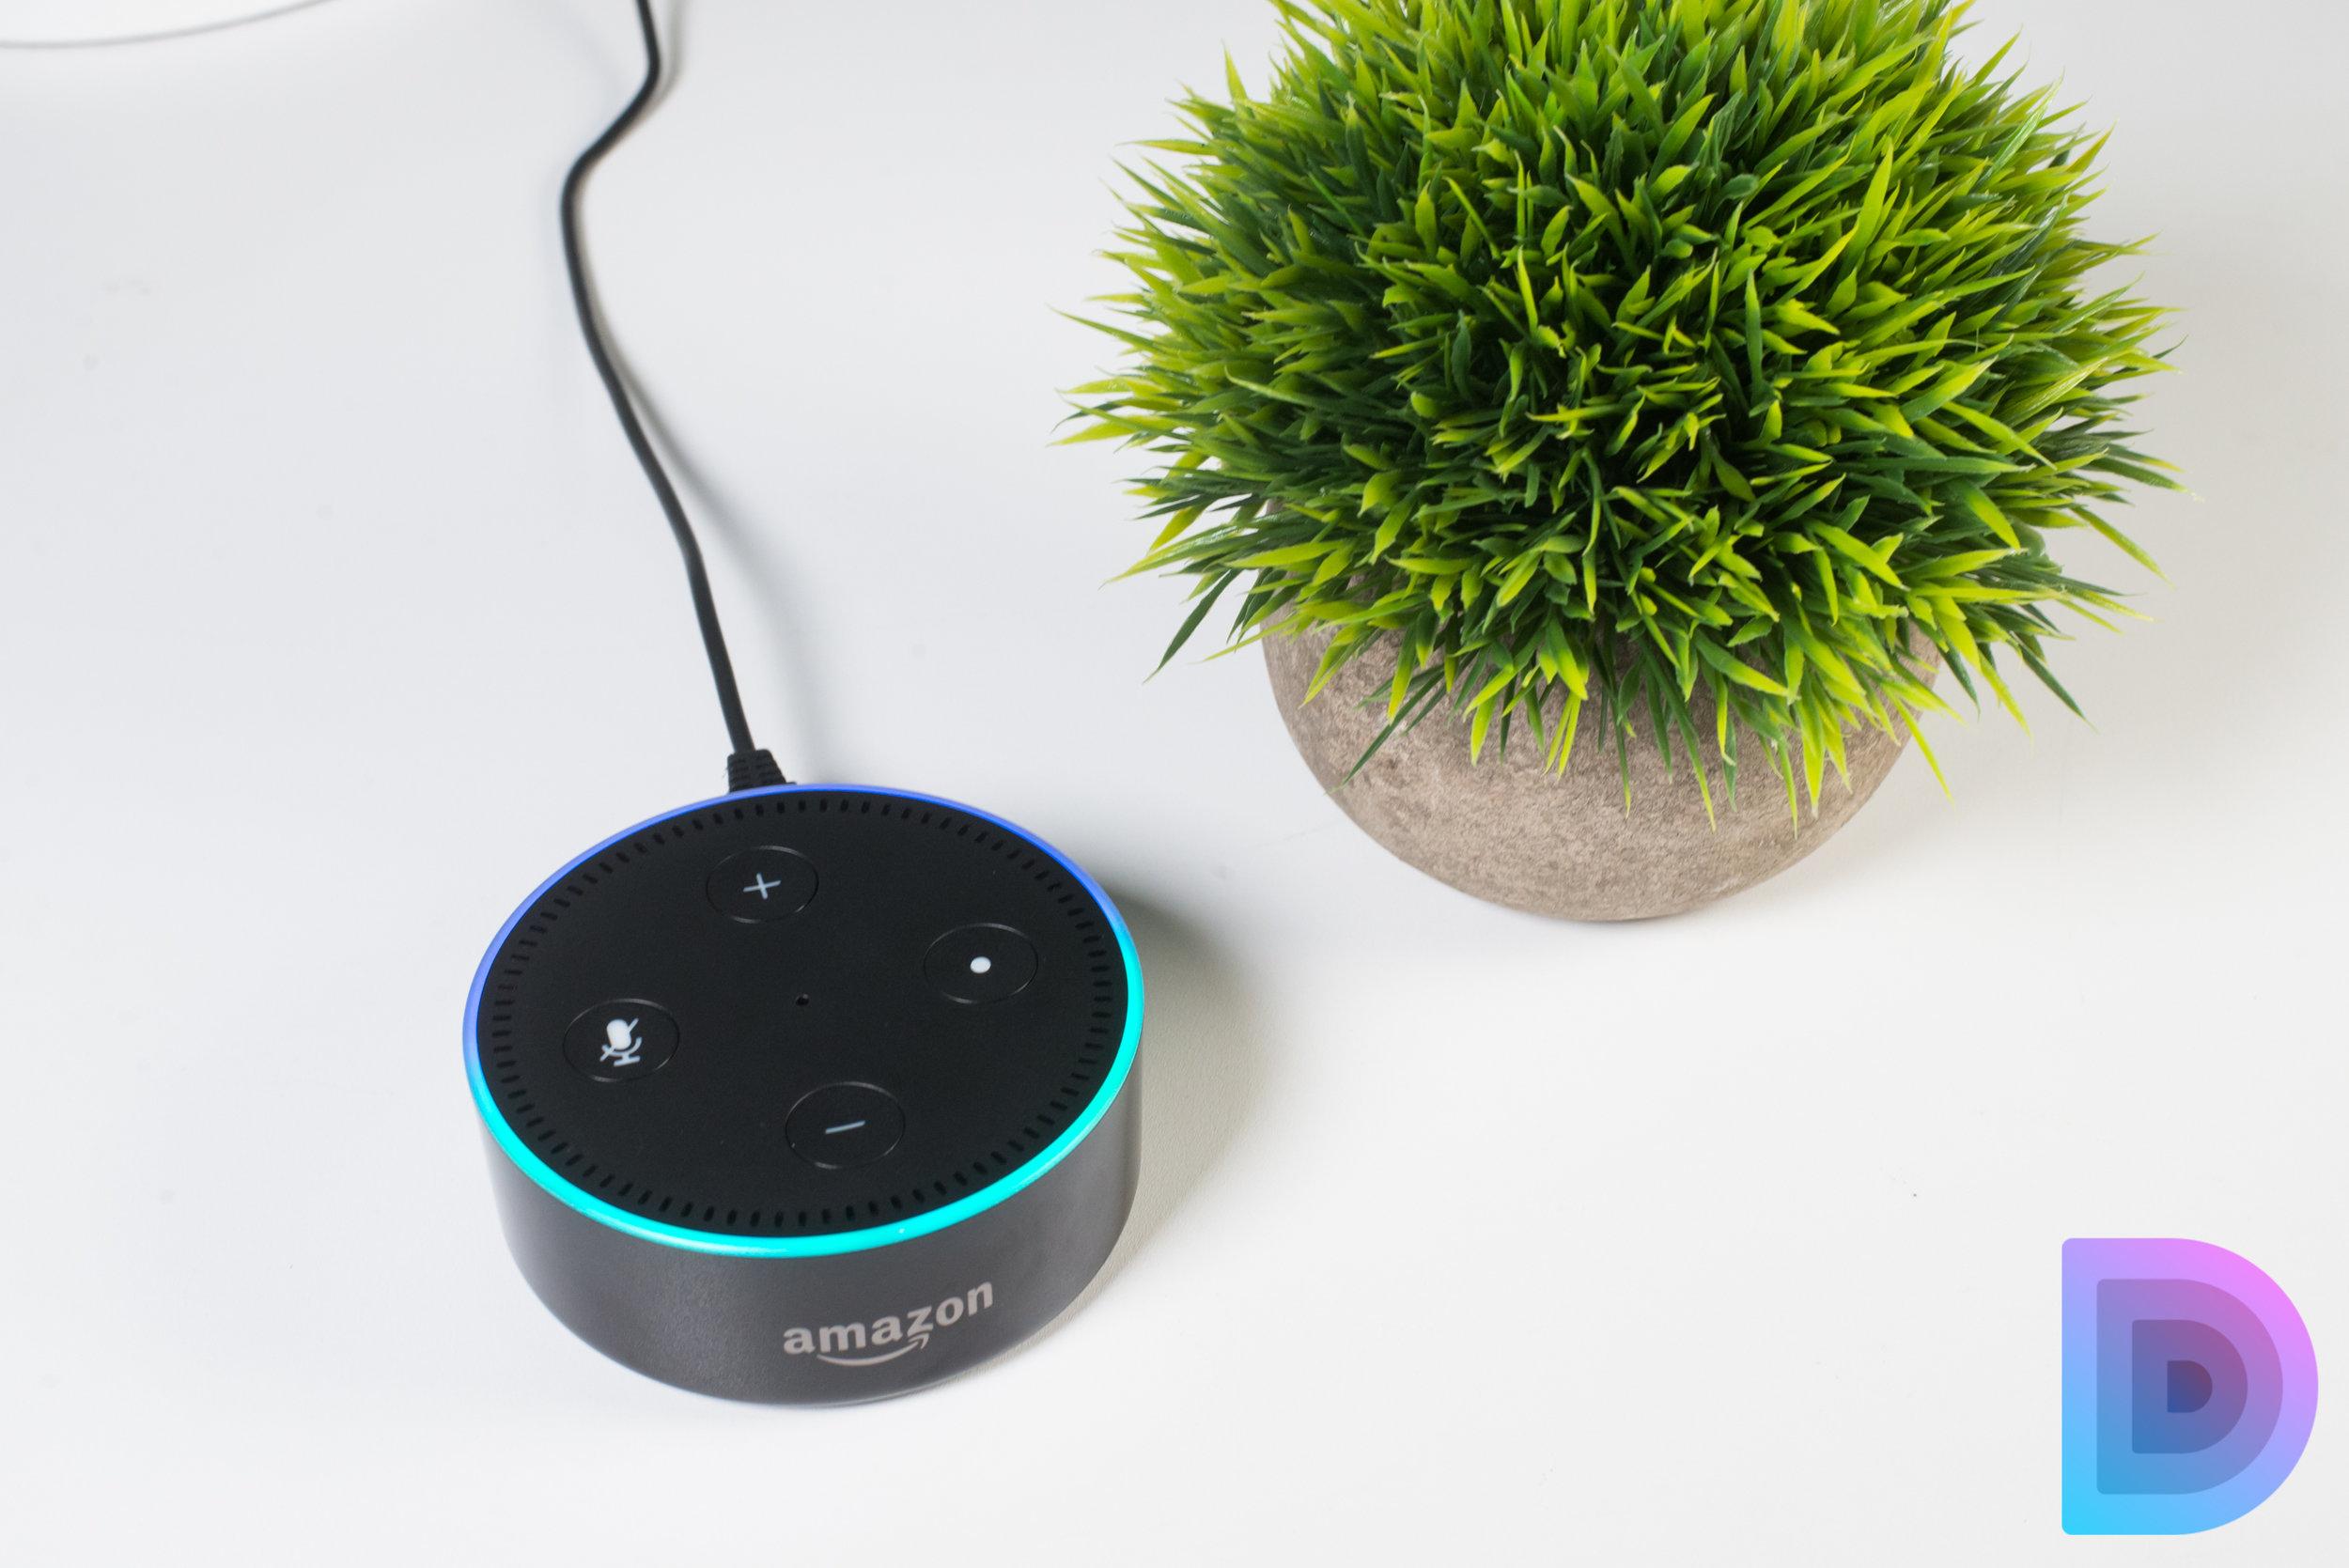 Amazon-Echo-Dot-2.JPG